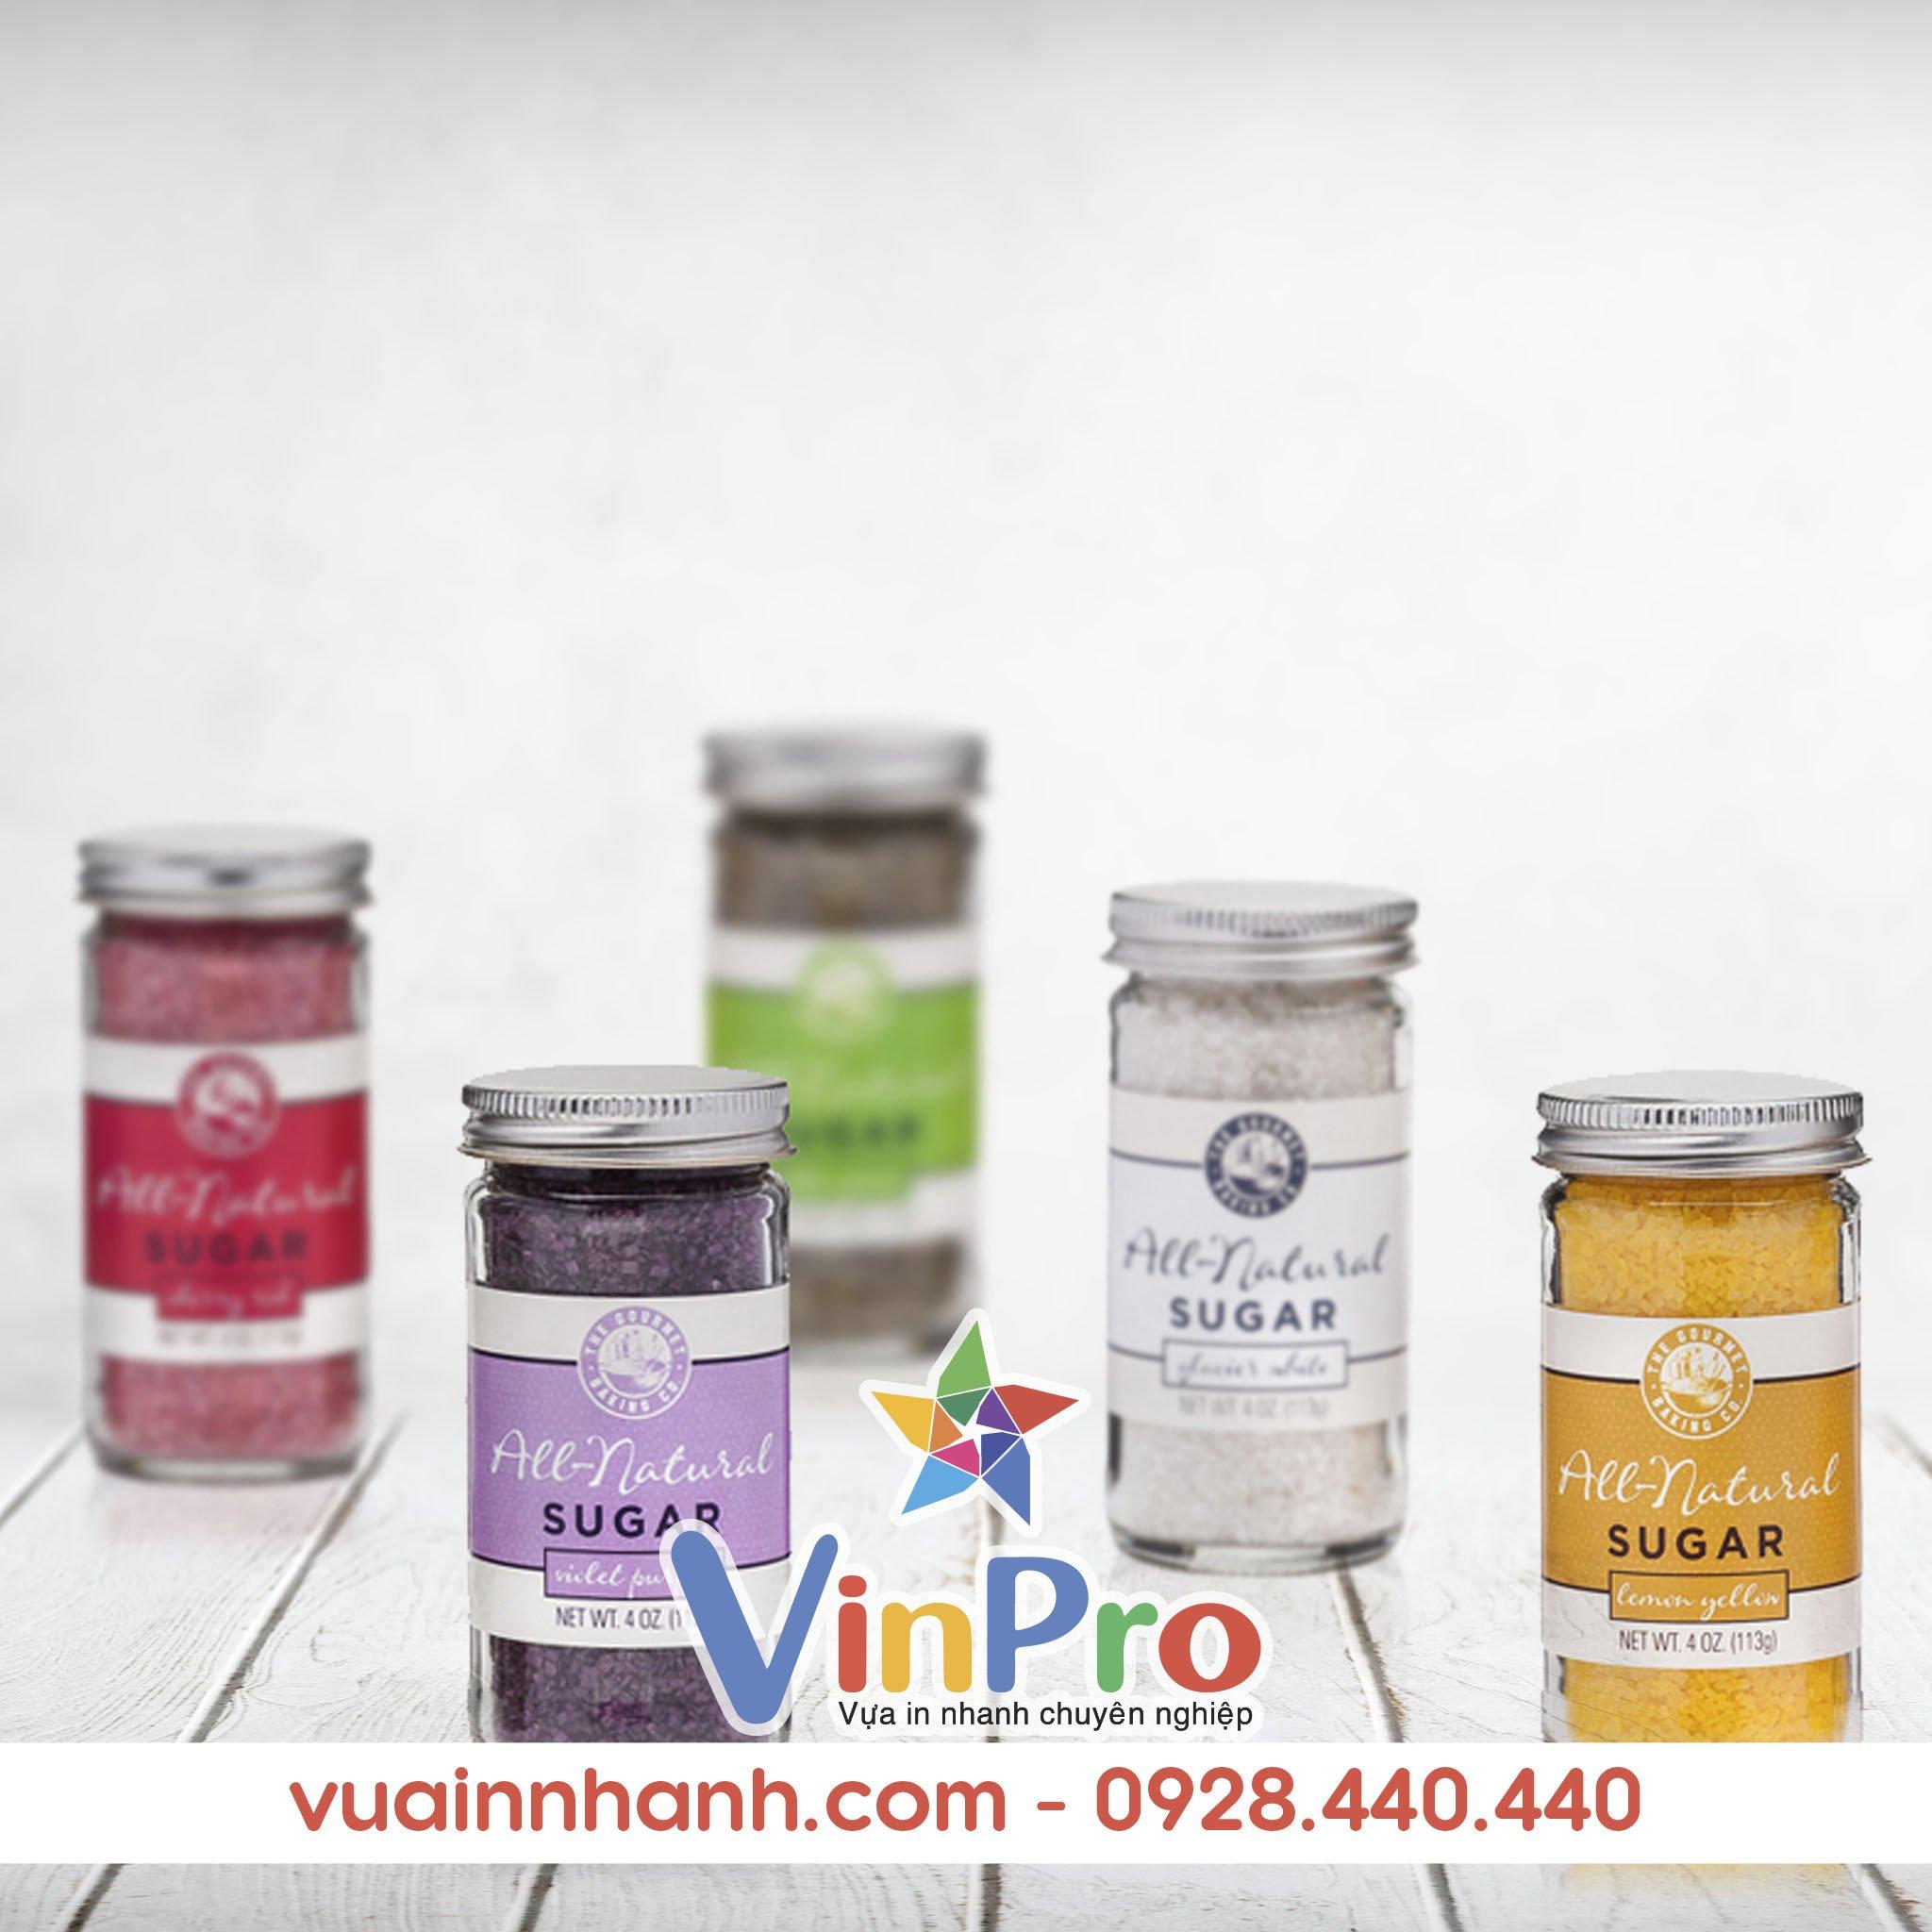 in decal tam nhãn giá rẻ tại VinPro